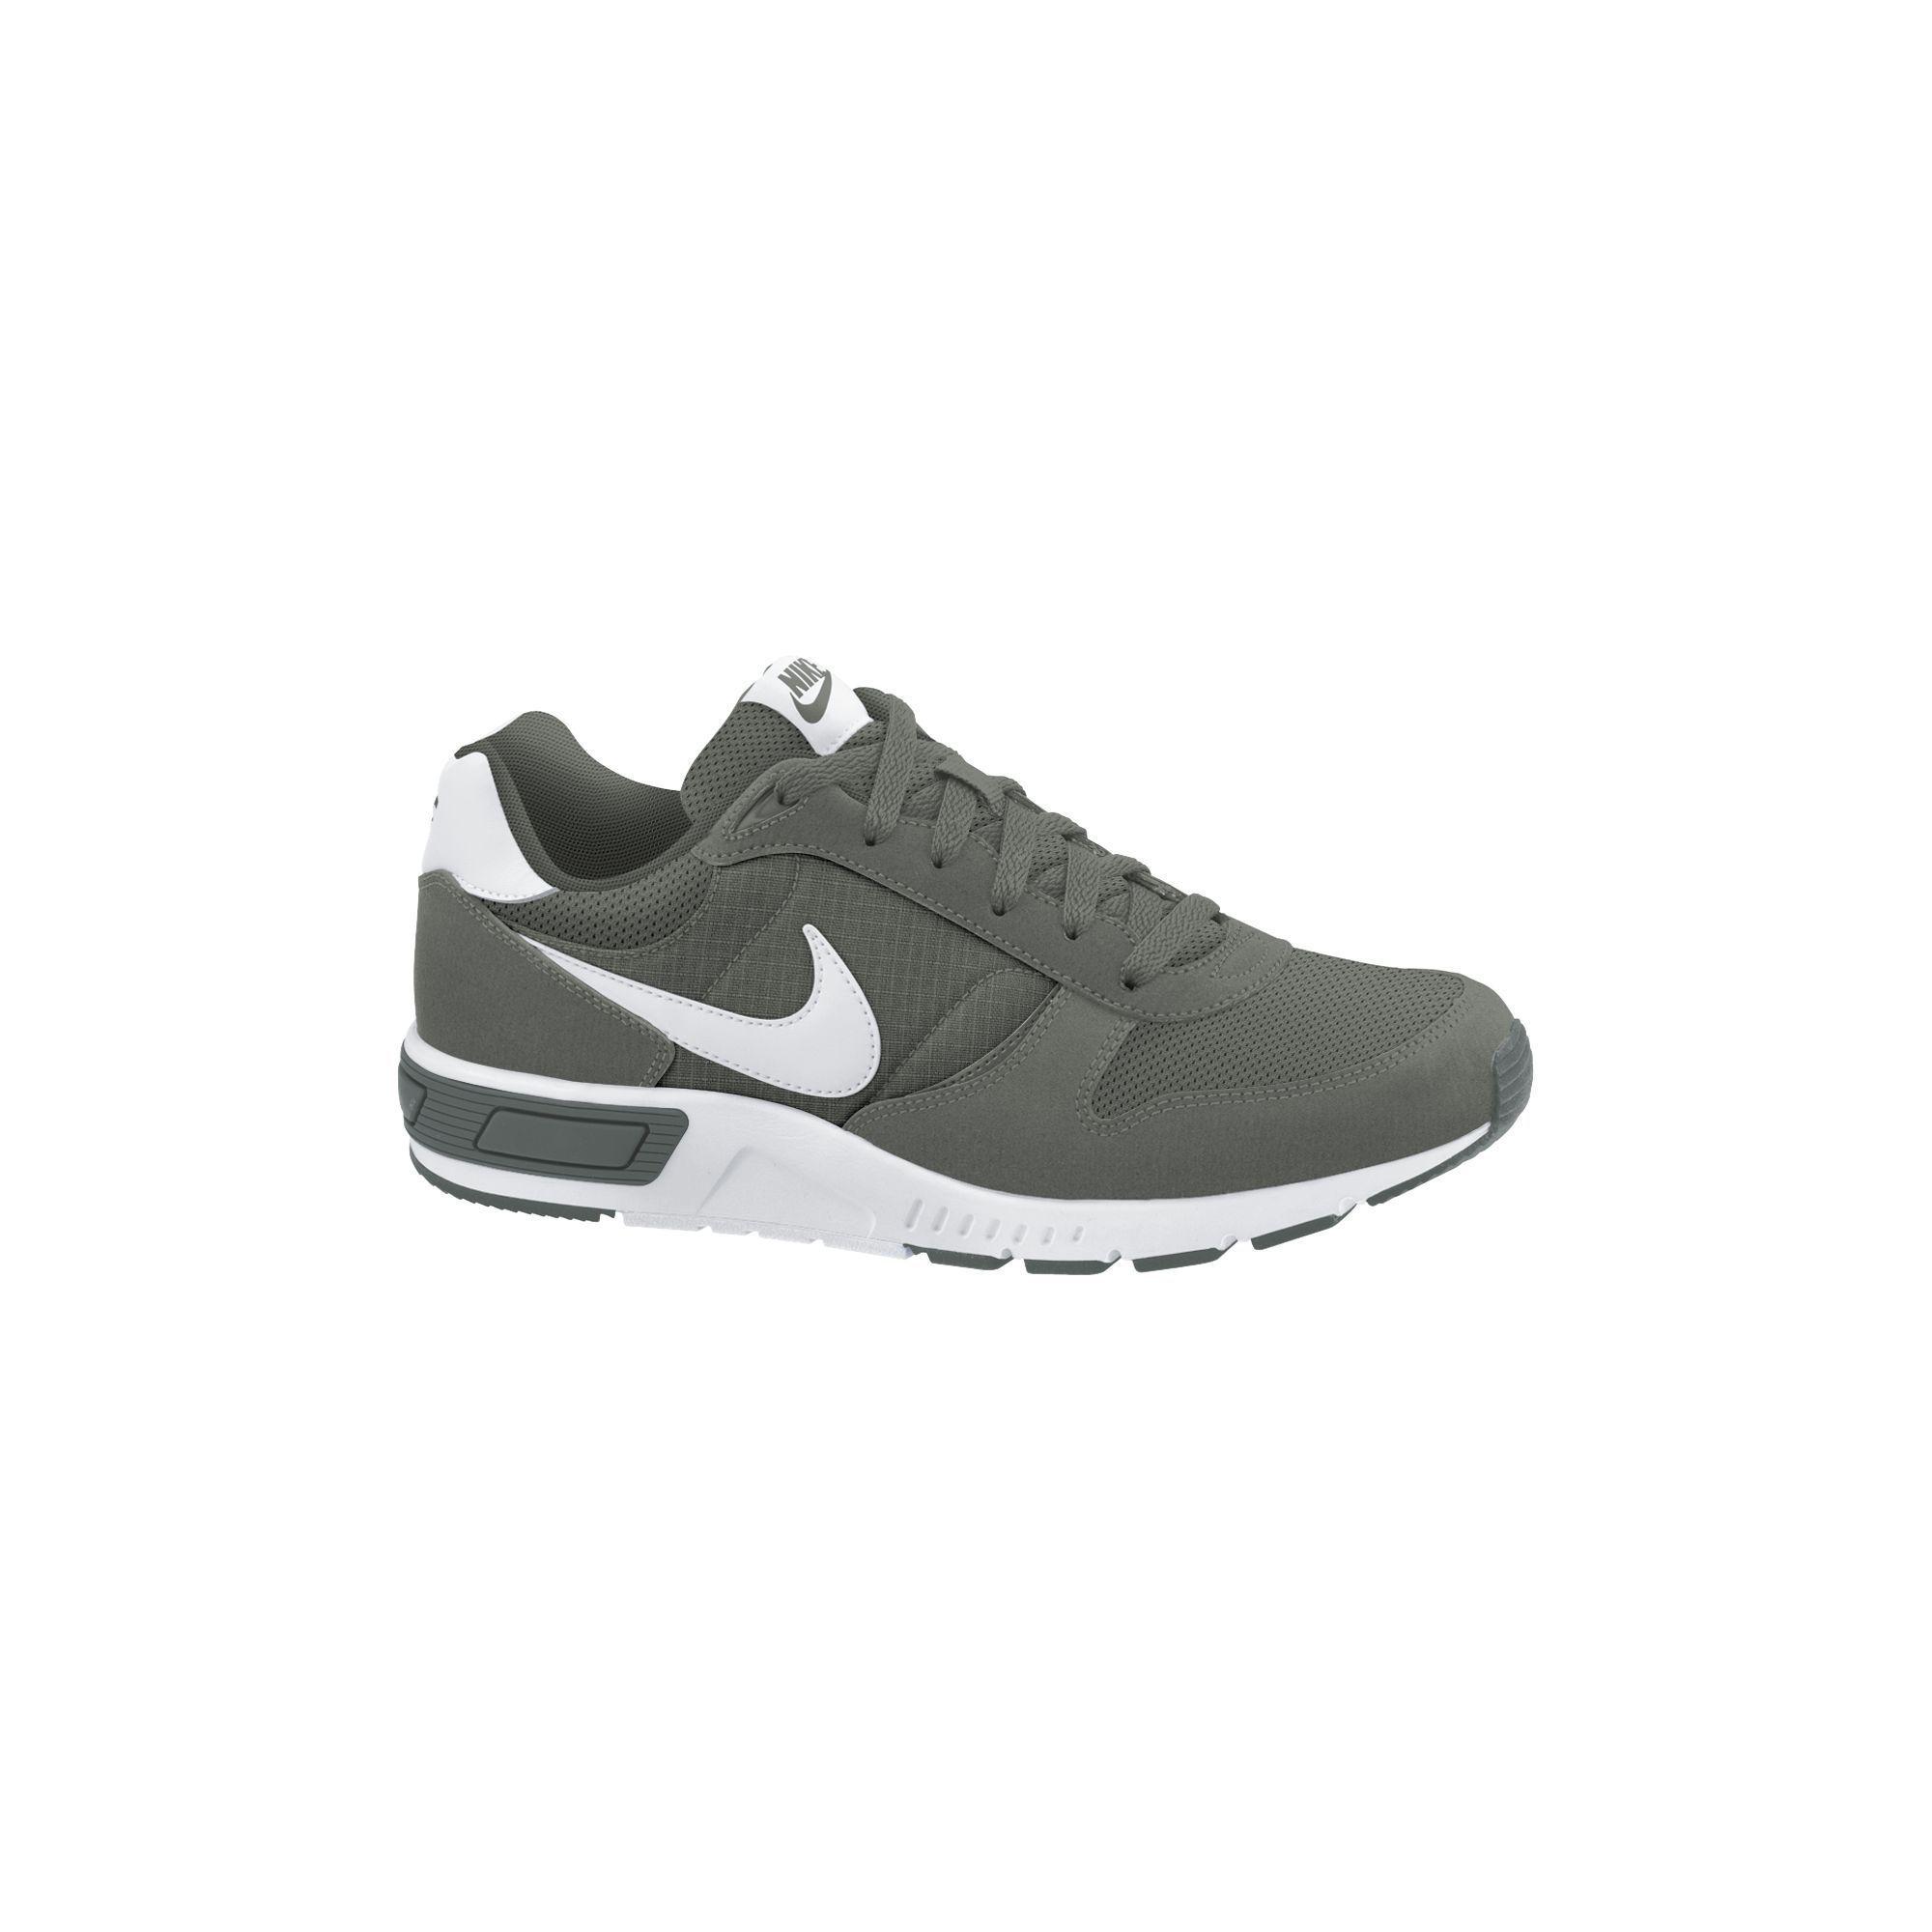 sports shoes fdcc0 5478a Deze Nike Nightgazer is een herensneaker in een retro-look.